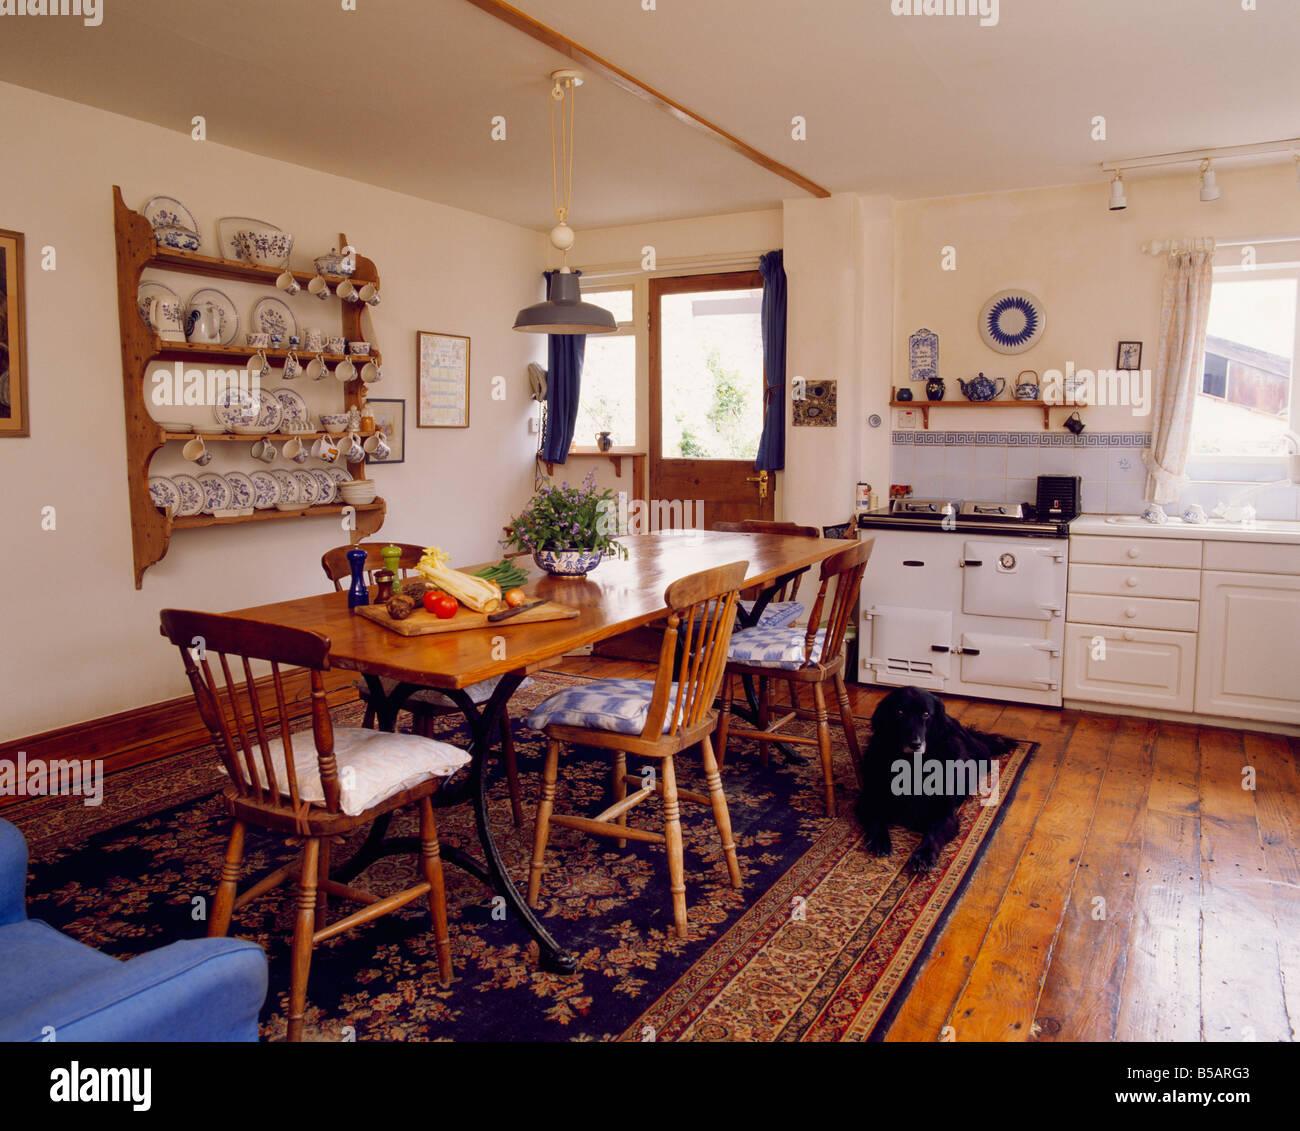 Holztisch mit Stühlen auf gemusterten Teppich auf polierten ...